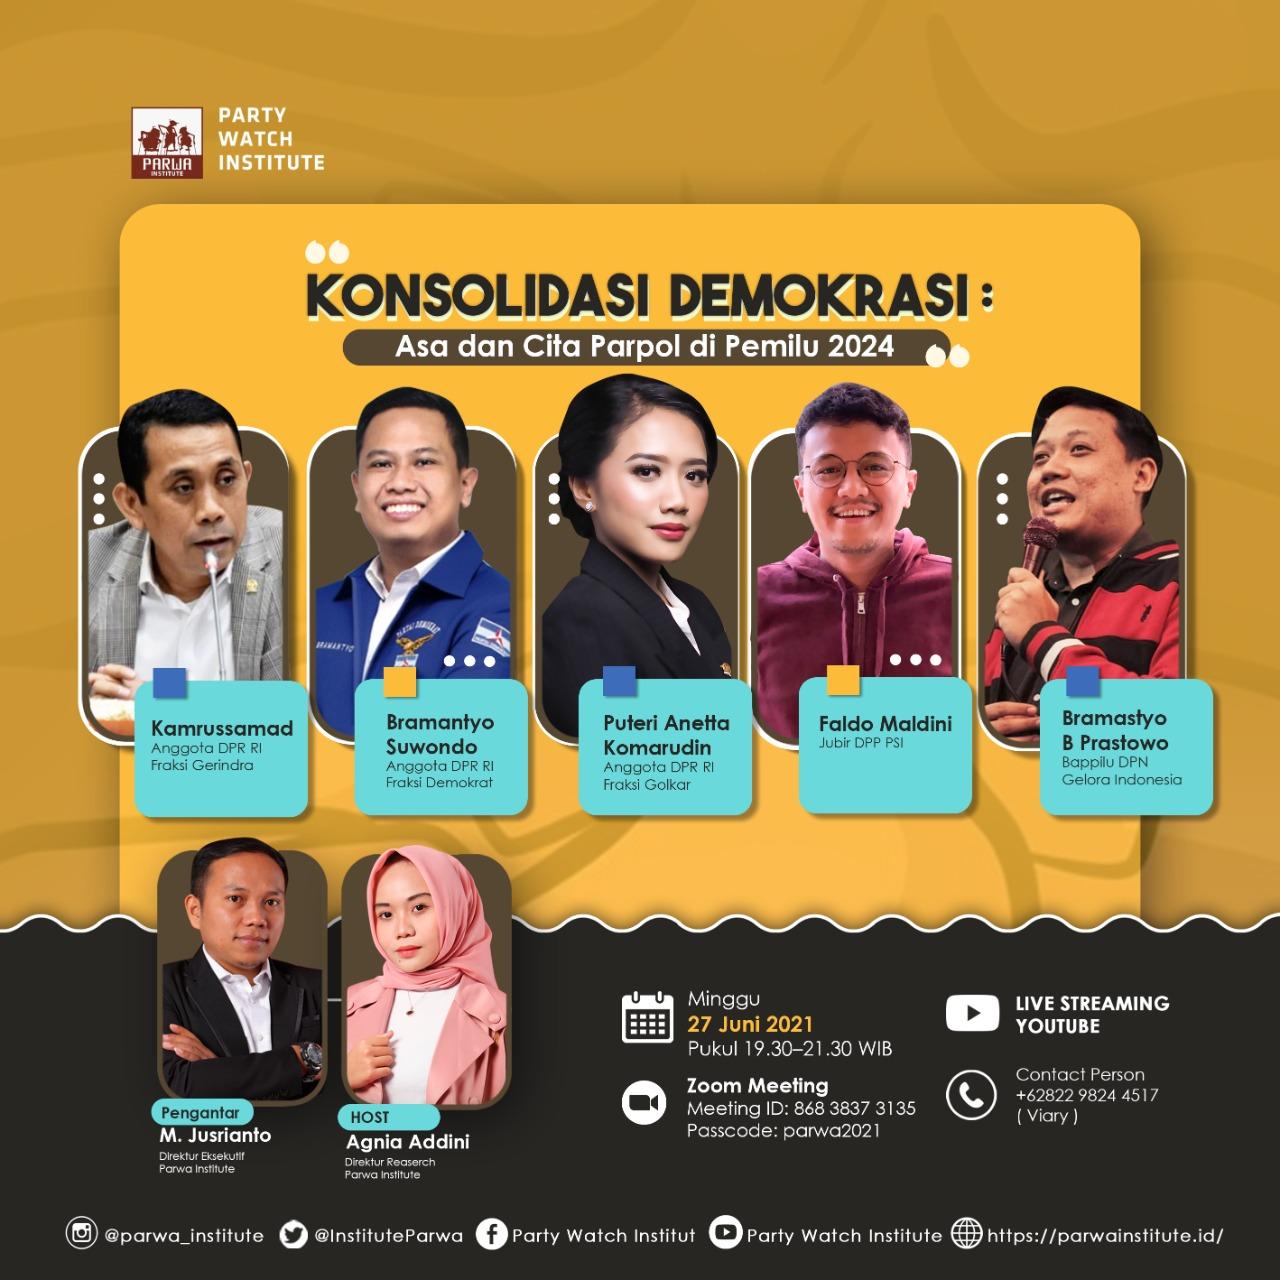 Konsolidasi Demokrasi : Asa dan Cita Parpol di Pemilu 2024